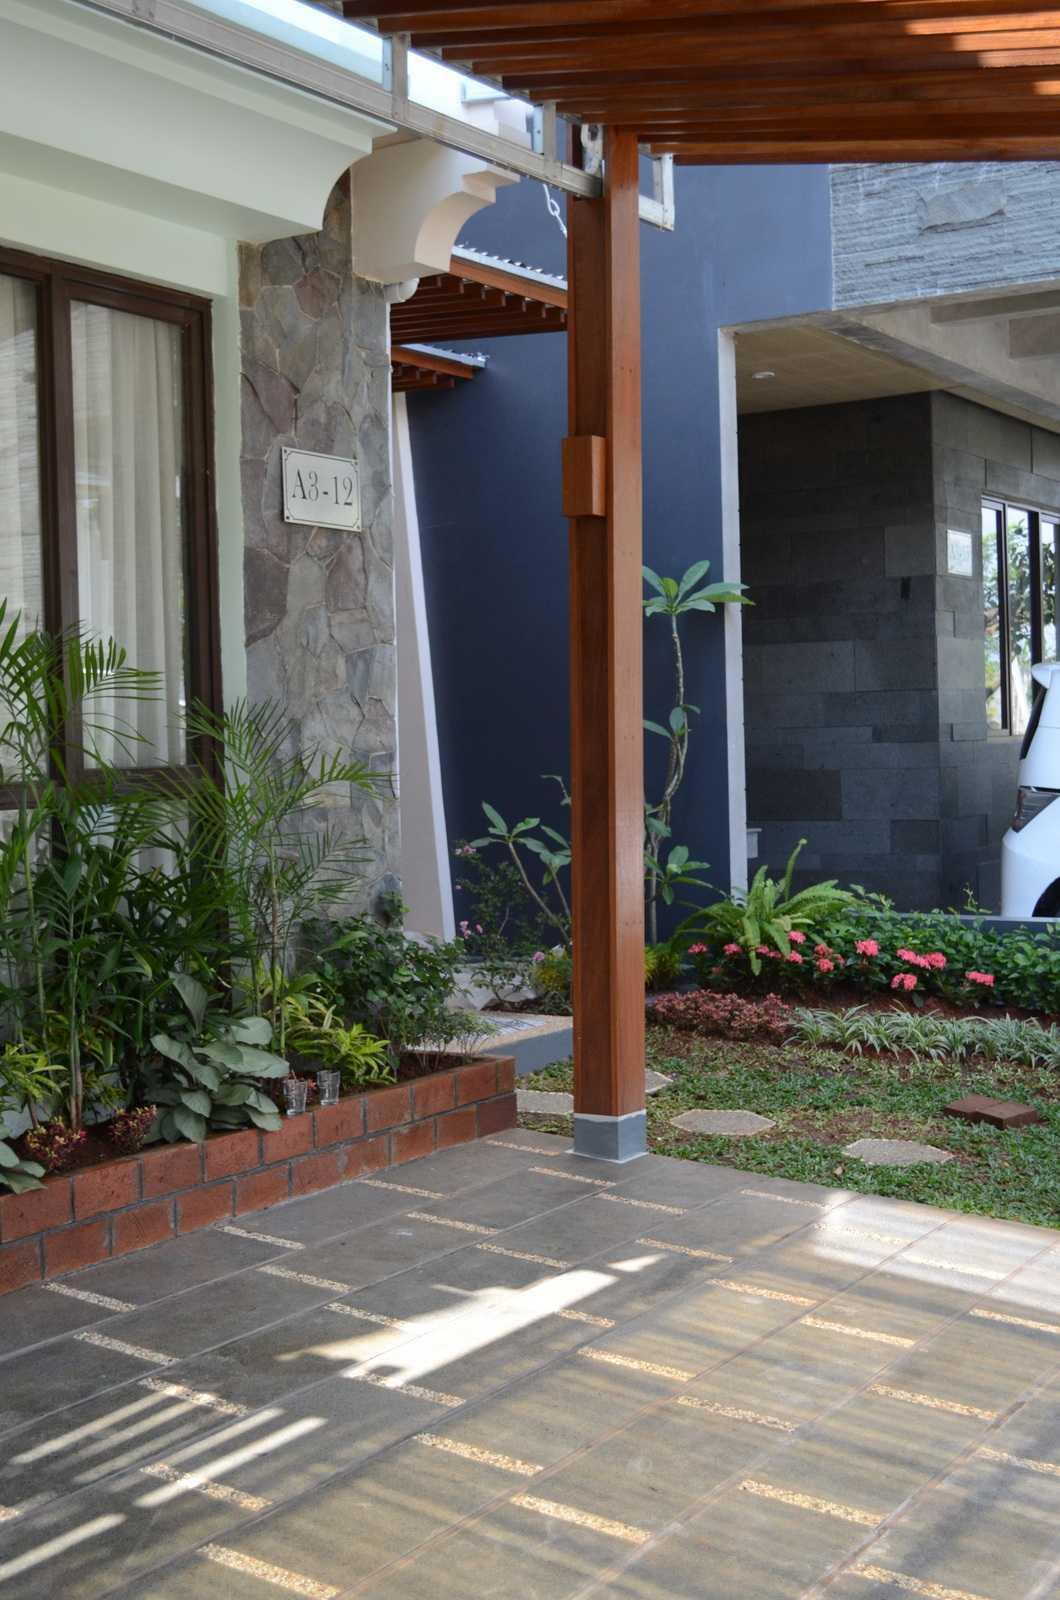 X3M Architects Nittaya A3 12 House Bsd, Tangerang Bsd, Tangerang Dsc0578 Tropis  28200